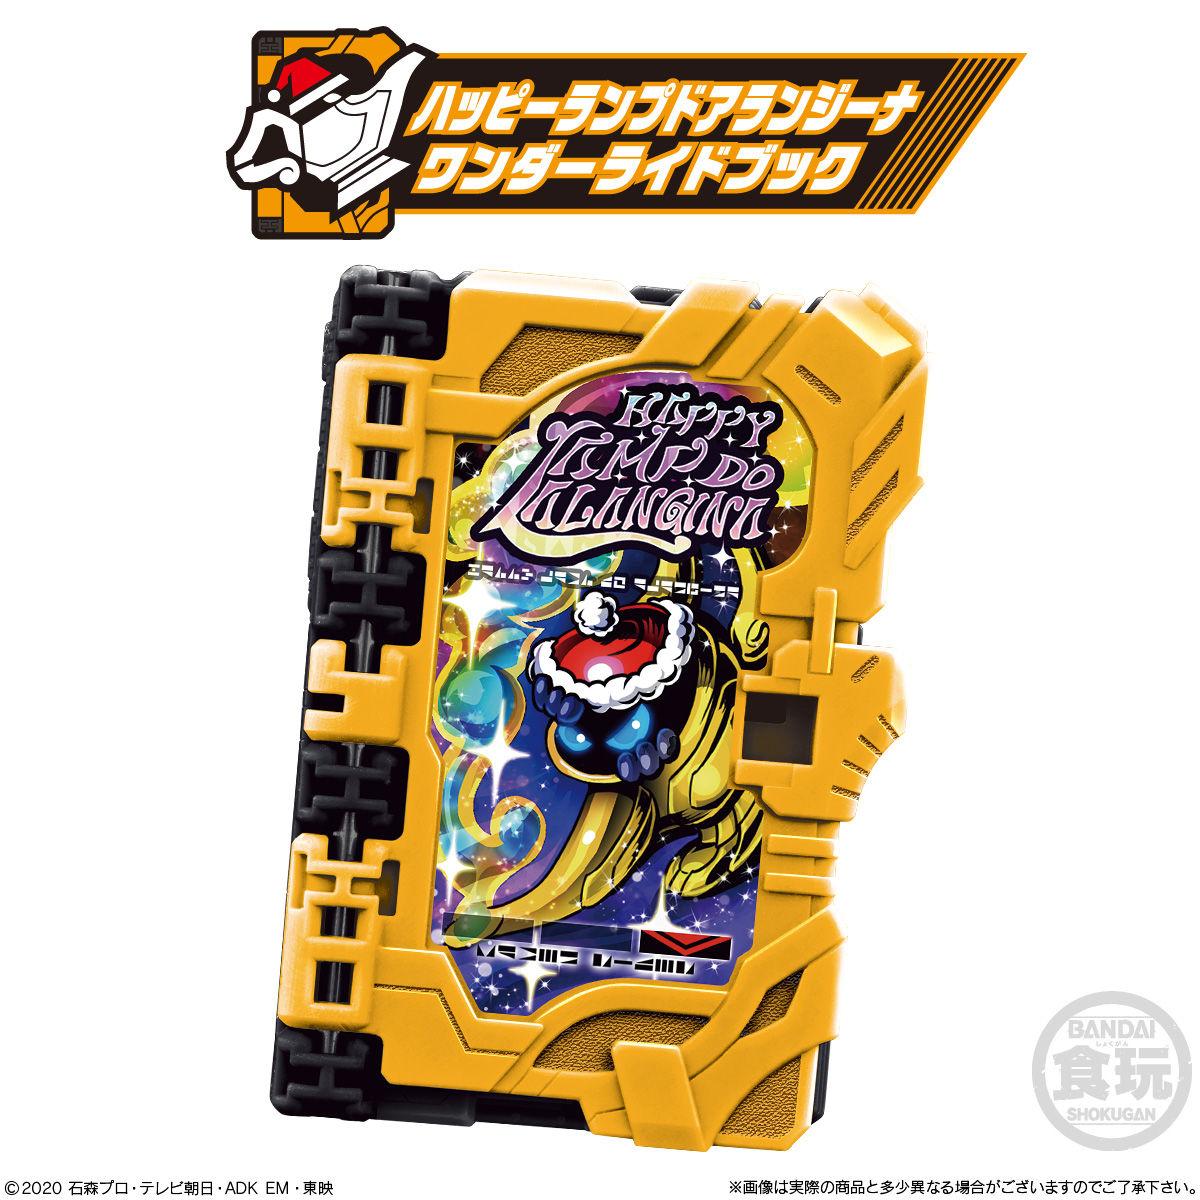 【食玩】仮面ライダーセイバー『コレクタブルワンダーライドブック SG05』8個入りBOX-004